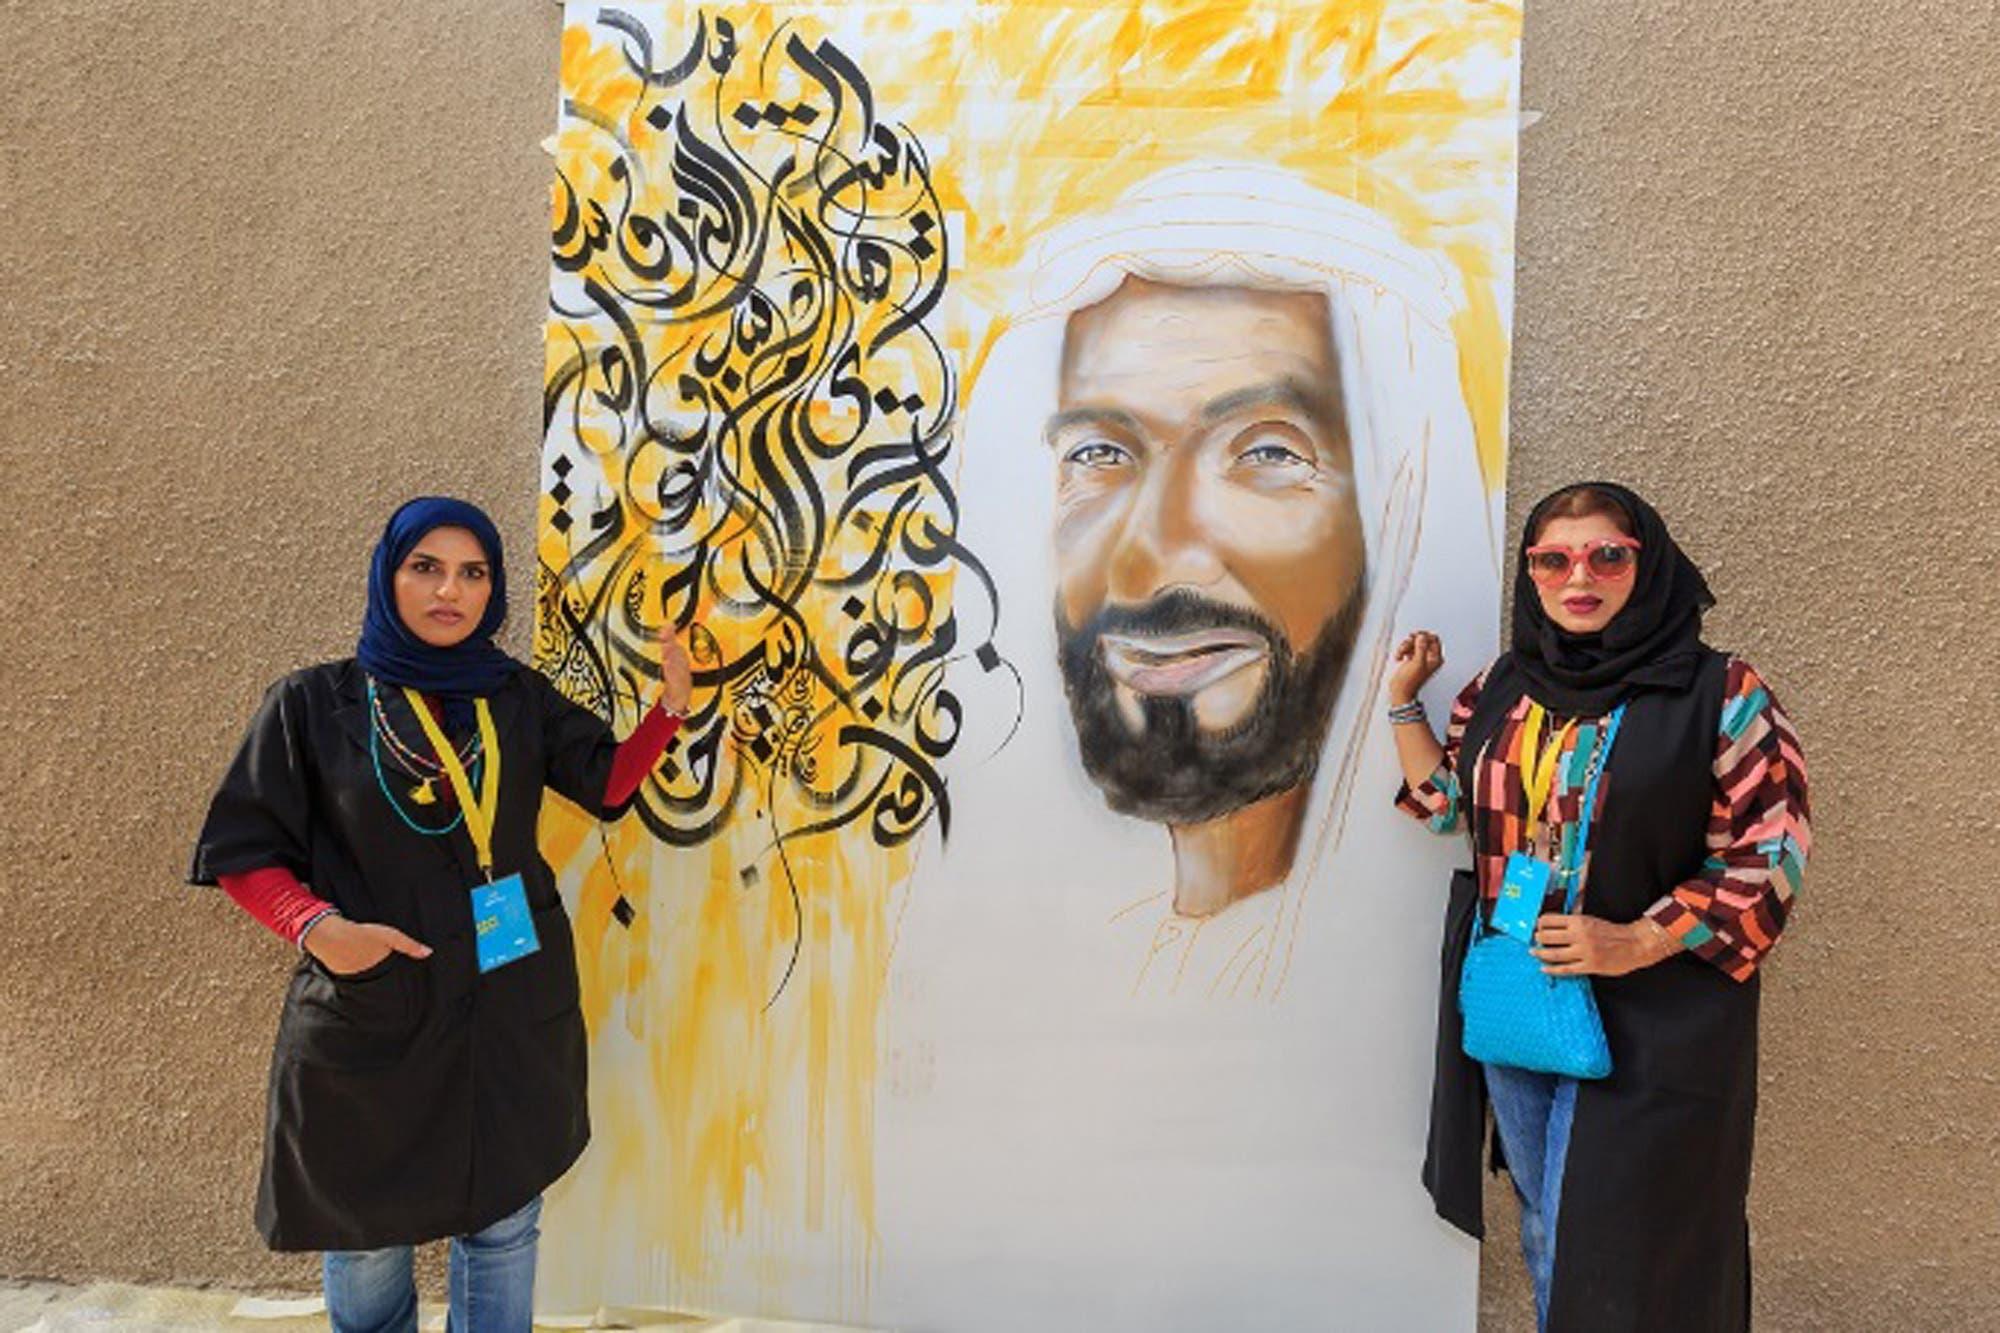 Mundial de Clubes: la historia detrás de la colorida celebración que se vive en Emiratos Árabes Unidos